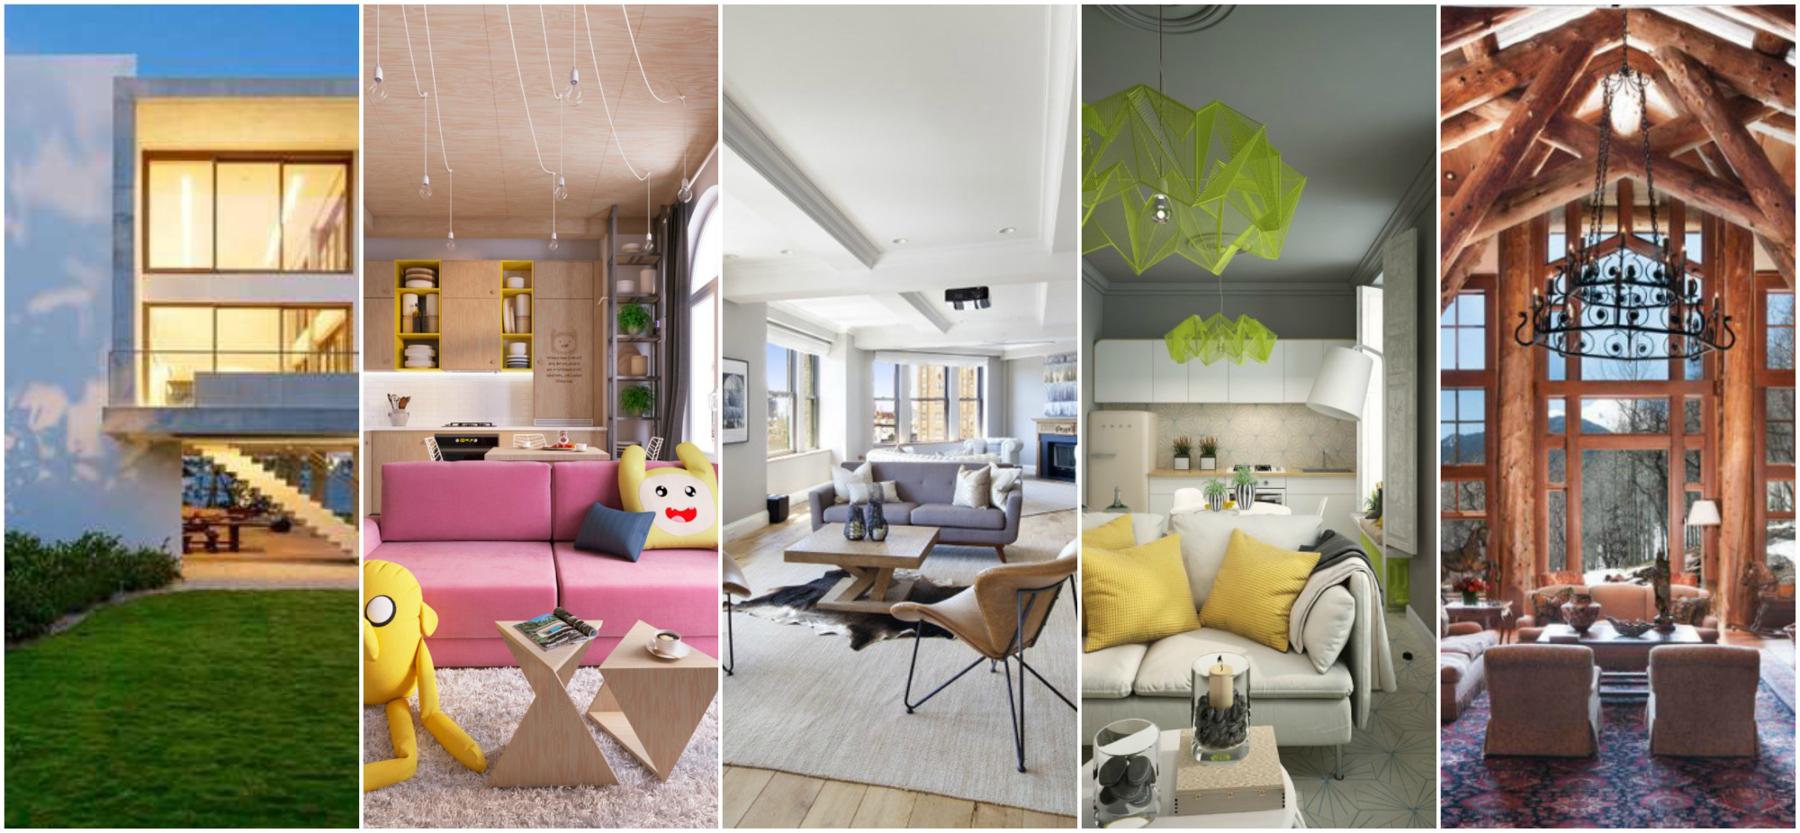 Le case più belle del 2016 - Casa.it